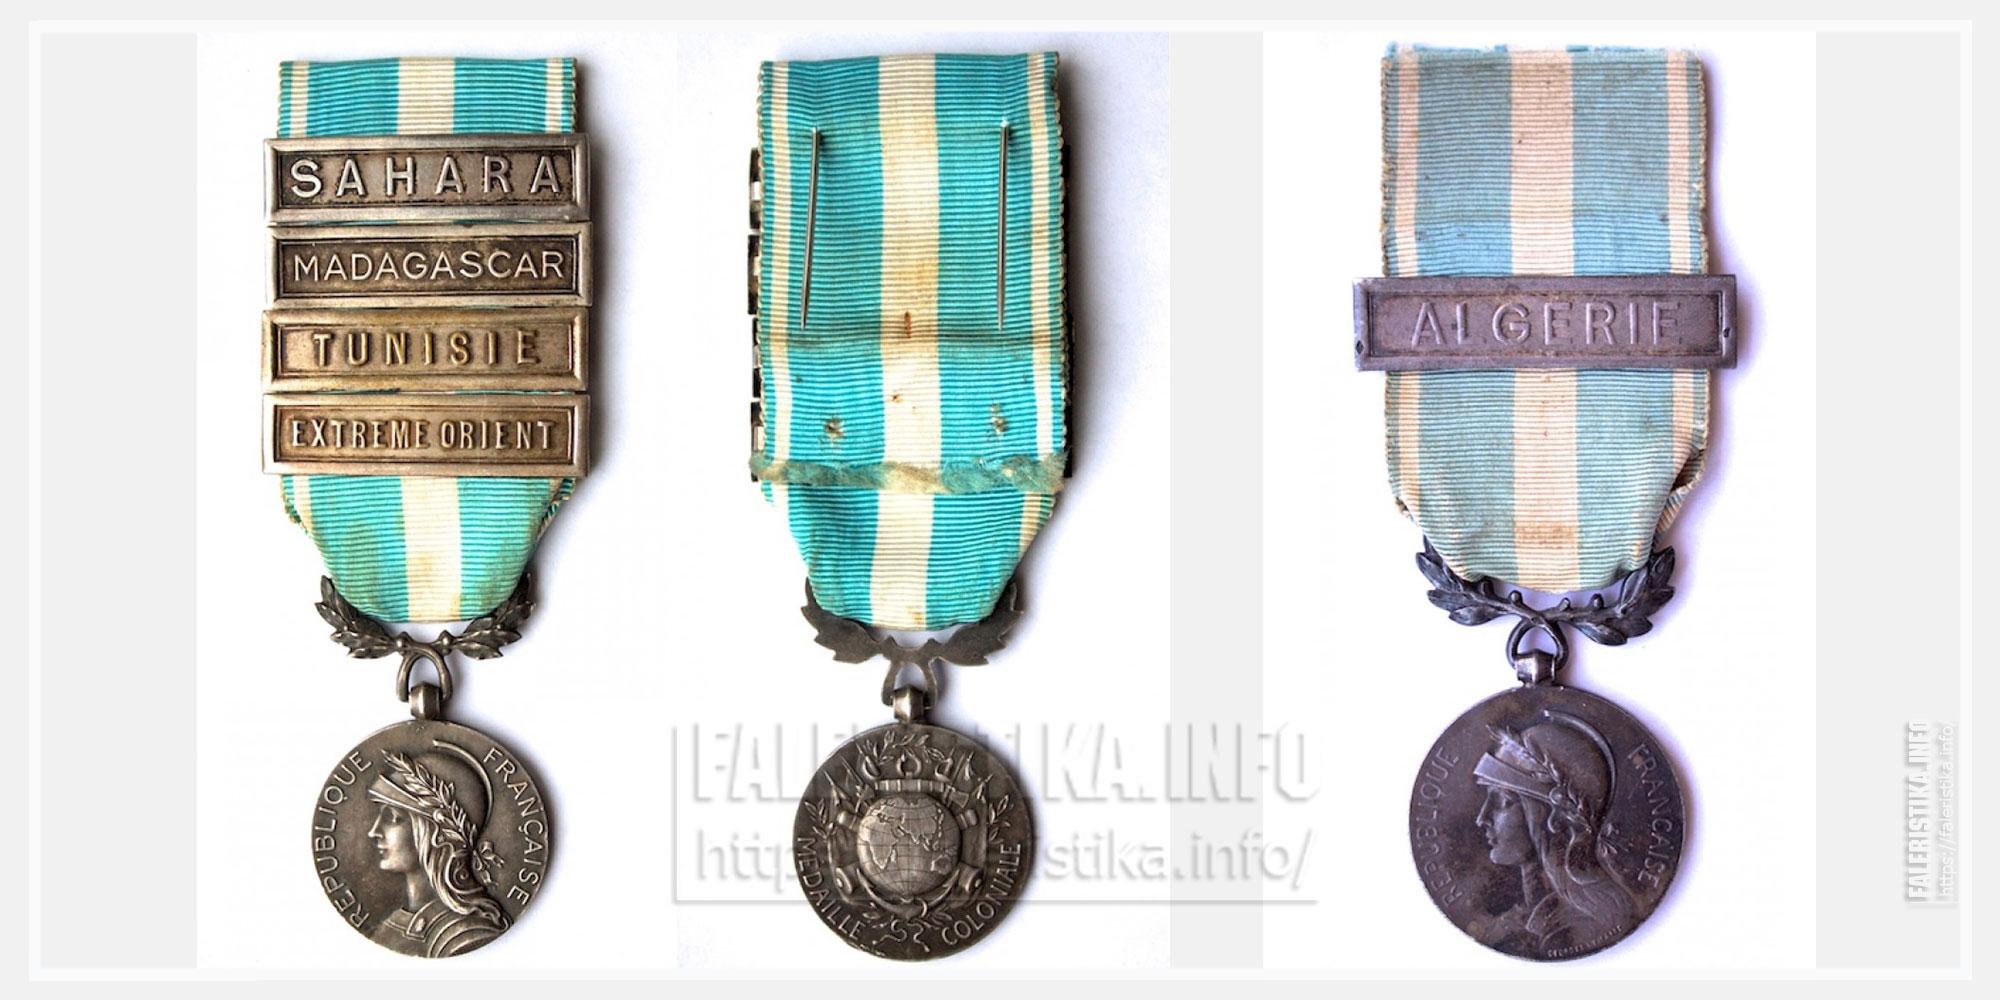 Медали с планками за Сахару, Мадагаскар, Тунис, Ориент